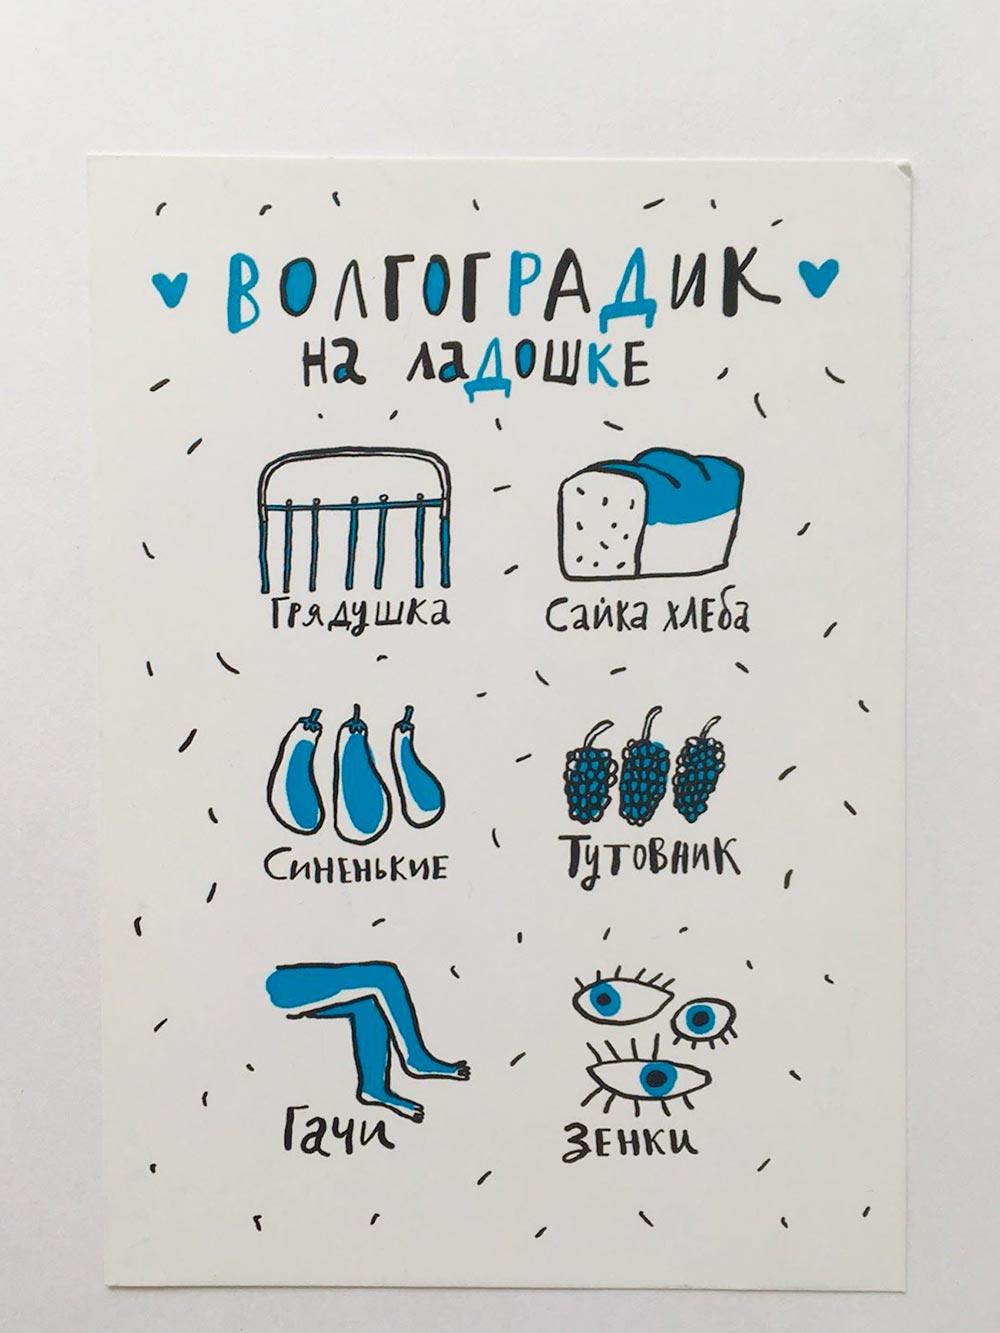 Одна волгоградская художница выпустила набор открыток со словами из местного диалекта и местными мемами. Купить их можно в Горьковской библиотеке или на bookshop.storeqb.com. Серия называется «Волоградик на ладошке»